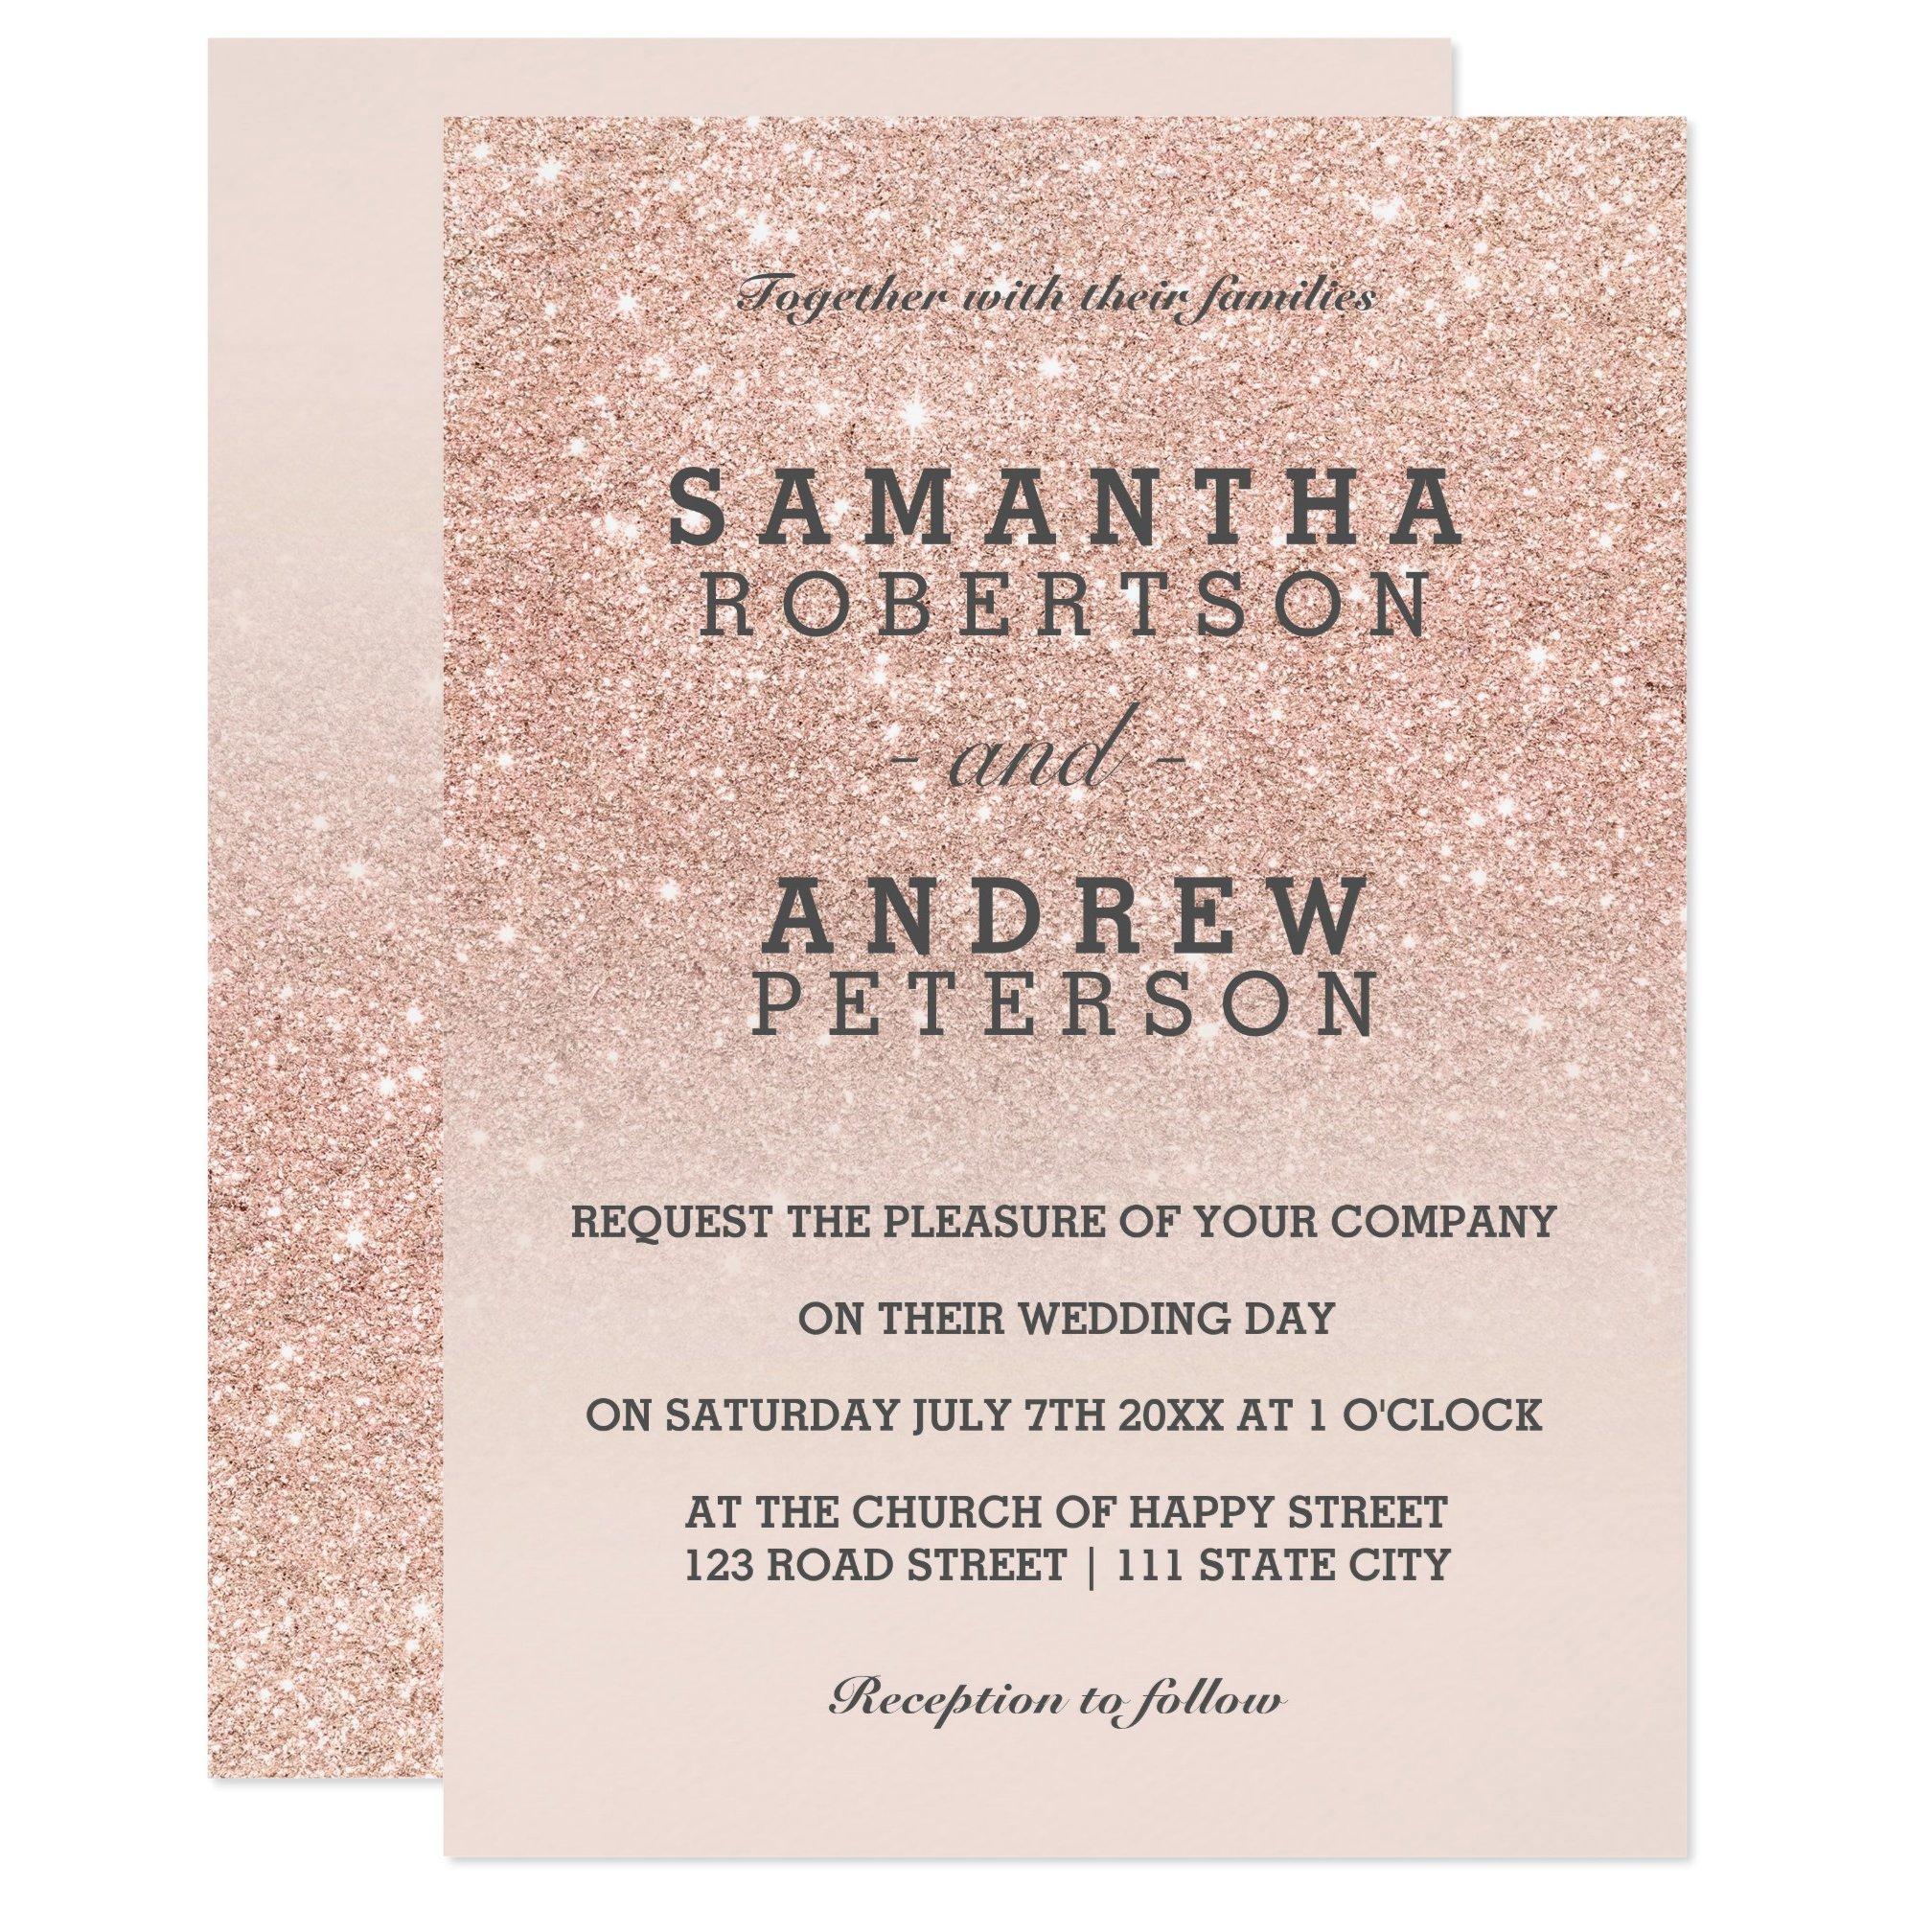 zazzle preview Rose gold glitter ombre wedding invitation digital ...